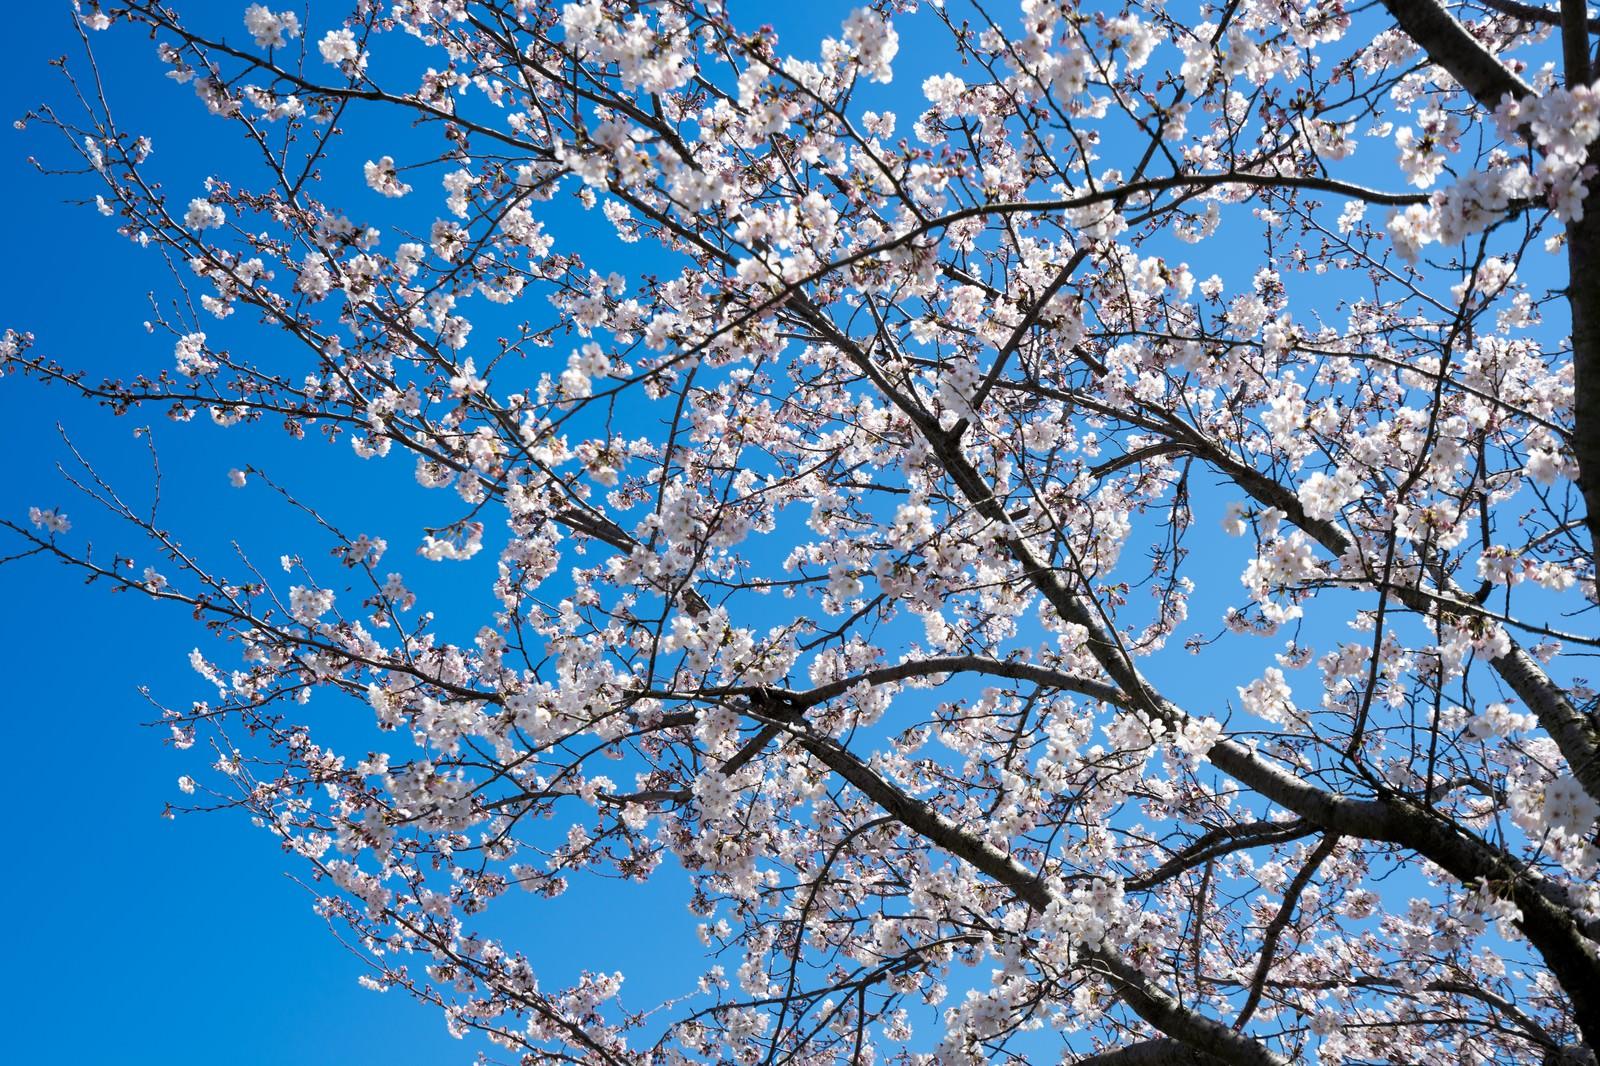 「桜の開花桜の開花」のフリー写真素材を拡大